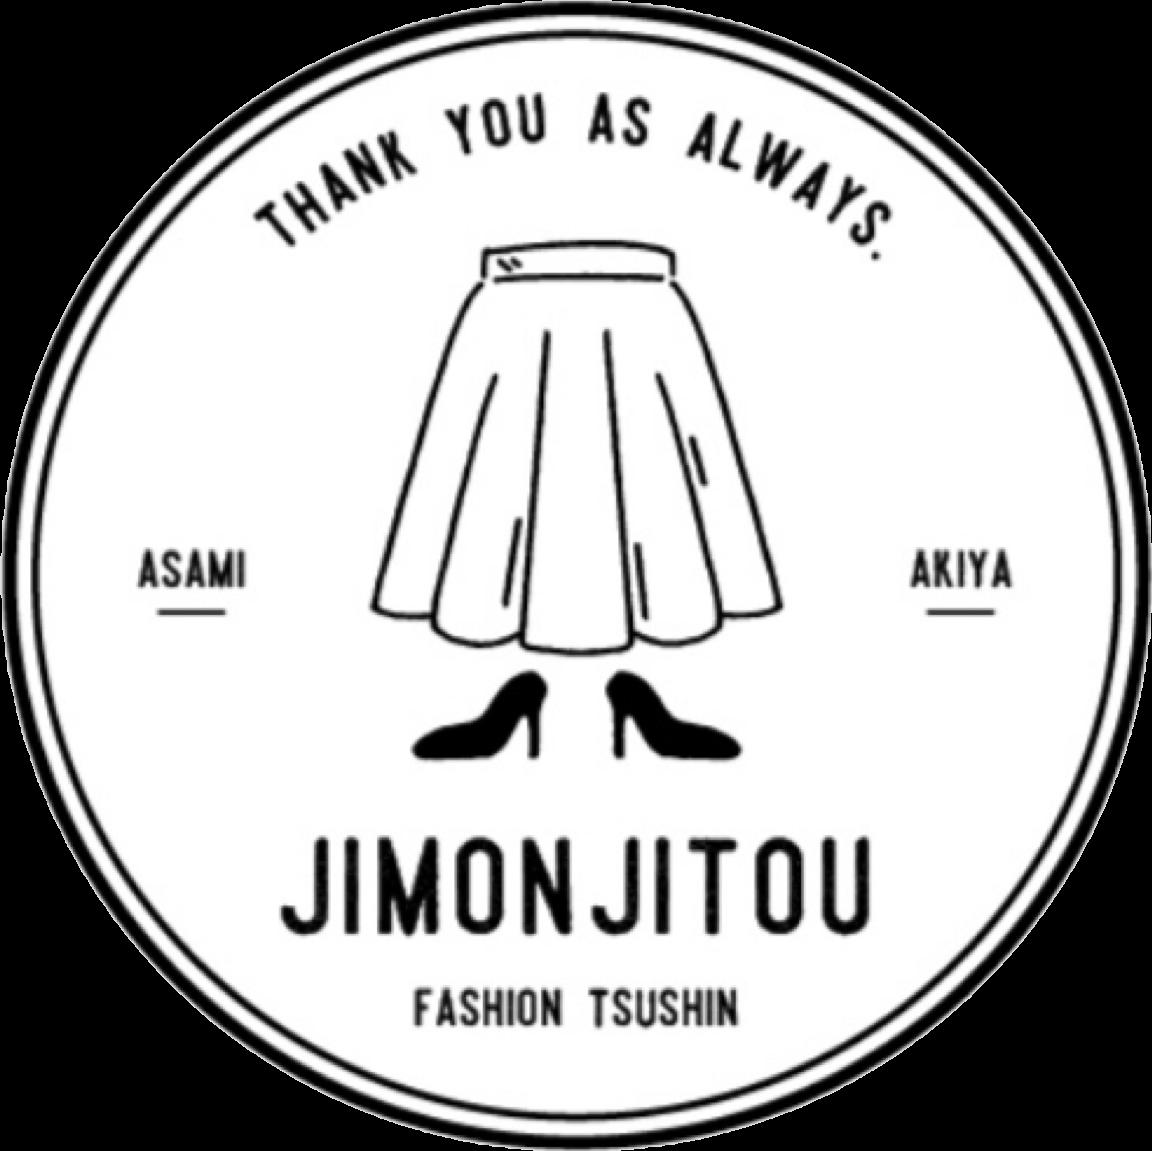 jimon-jitou